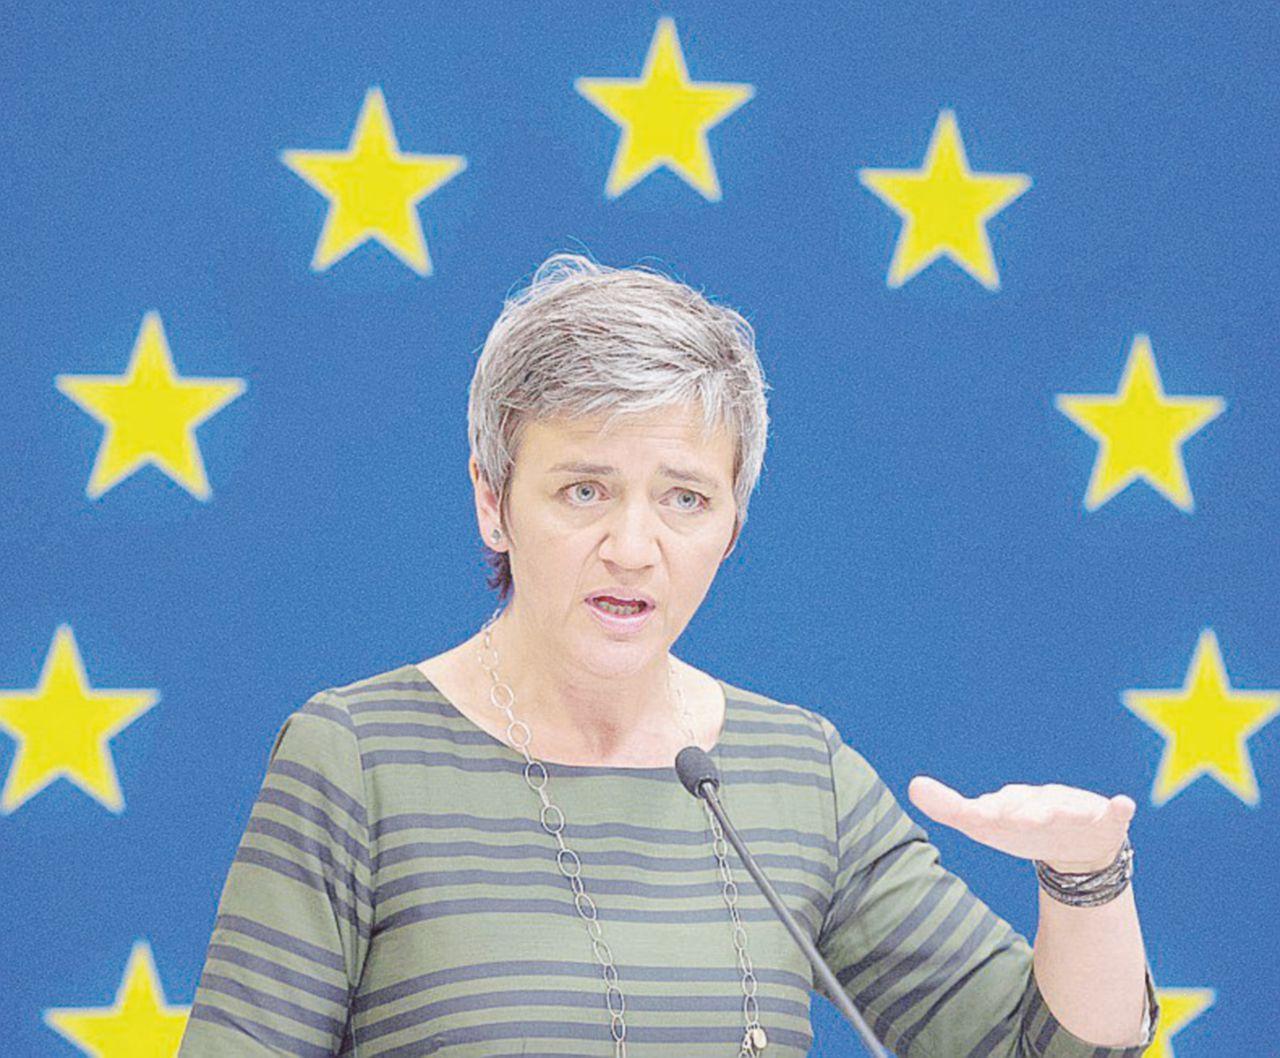 Piccoli rispamiatori tosati, ma solo un po': l'offerta dell'Ue che Roma tenta di rifiutare